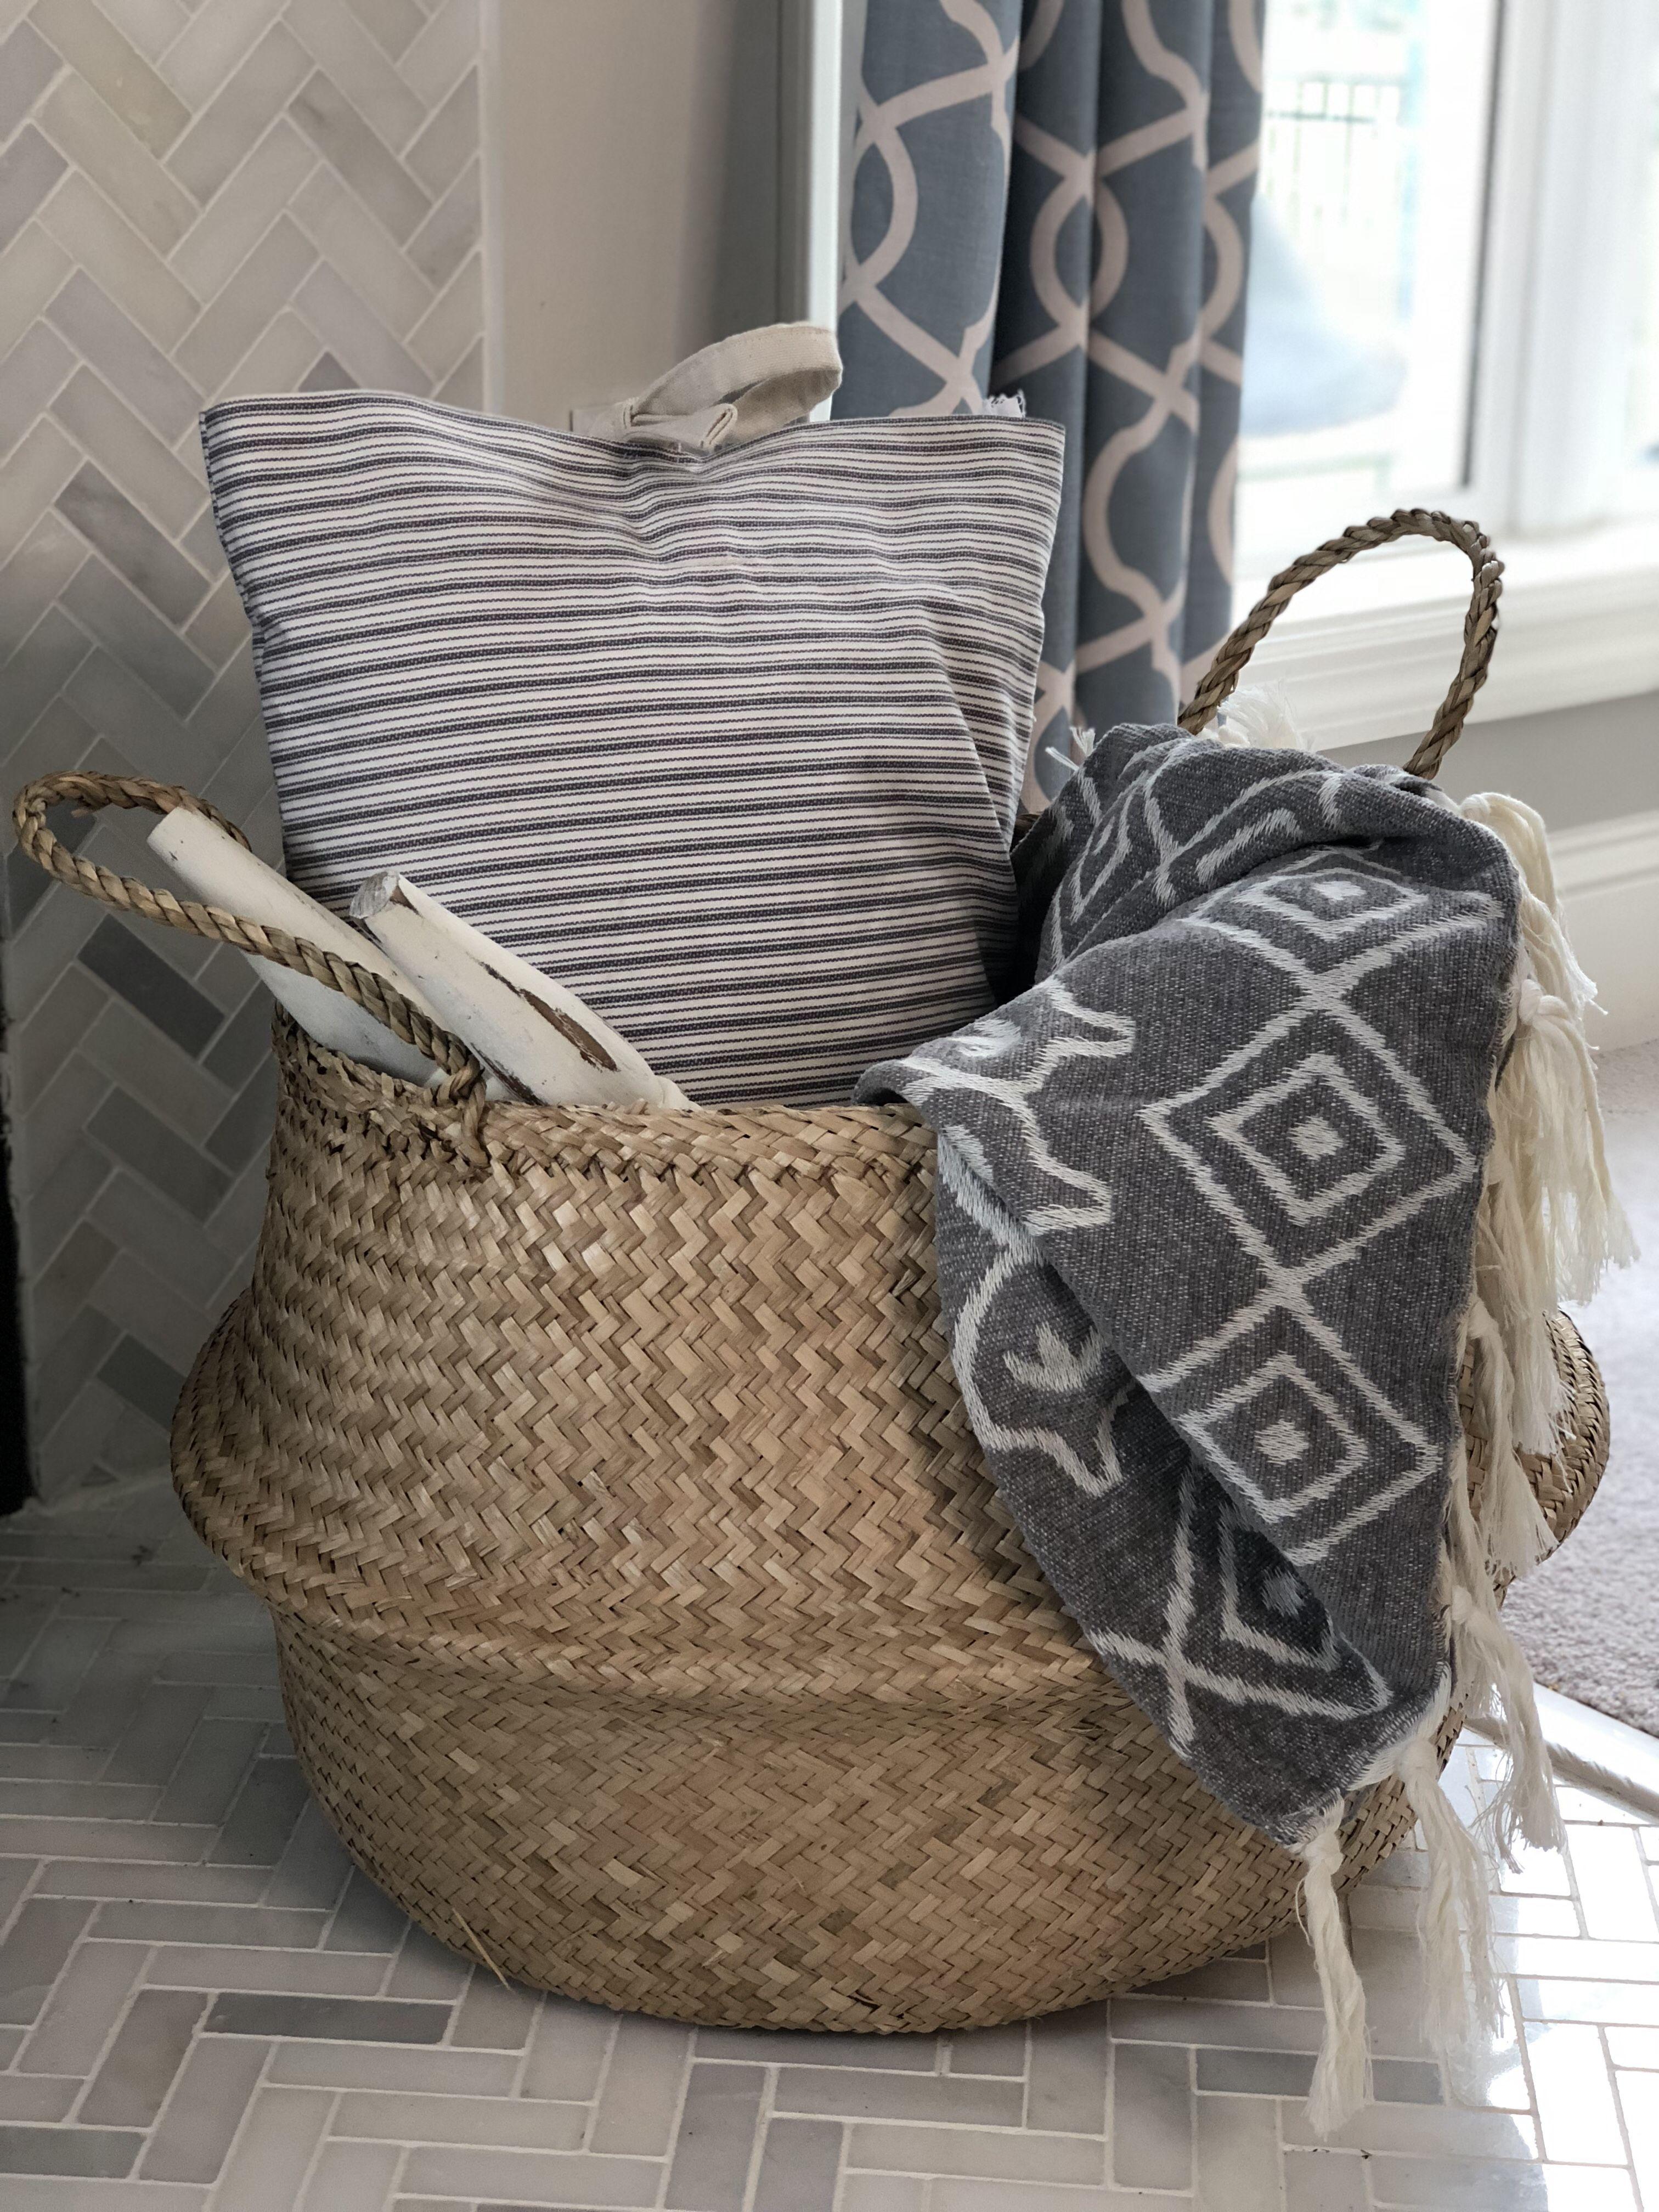 farmhouse style blanket basket